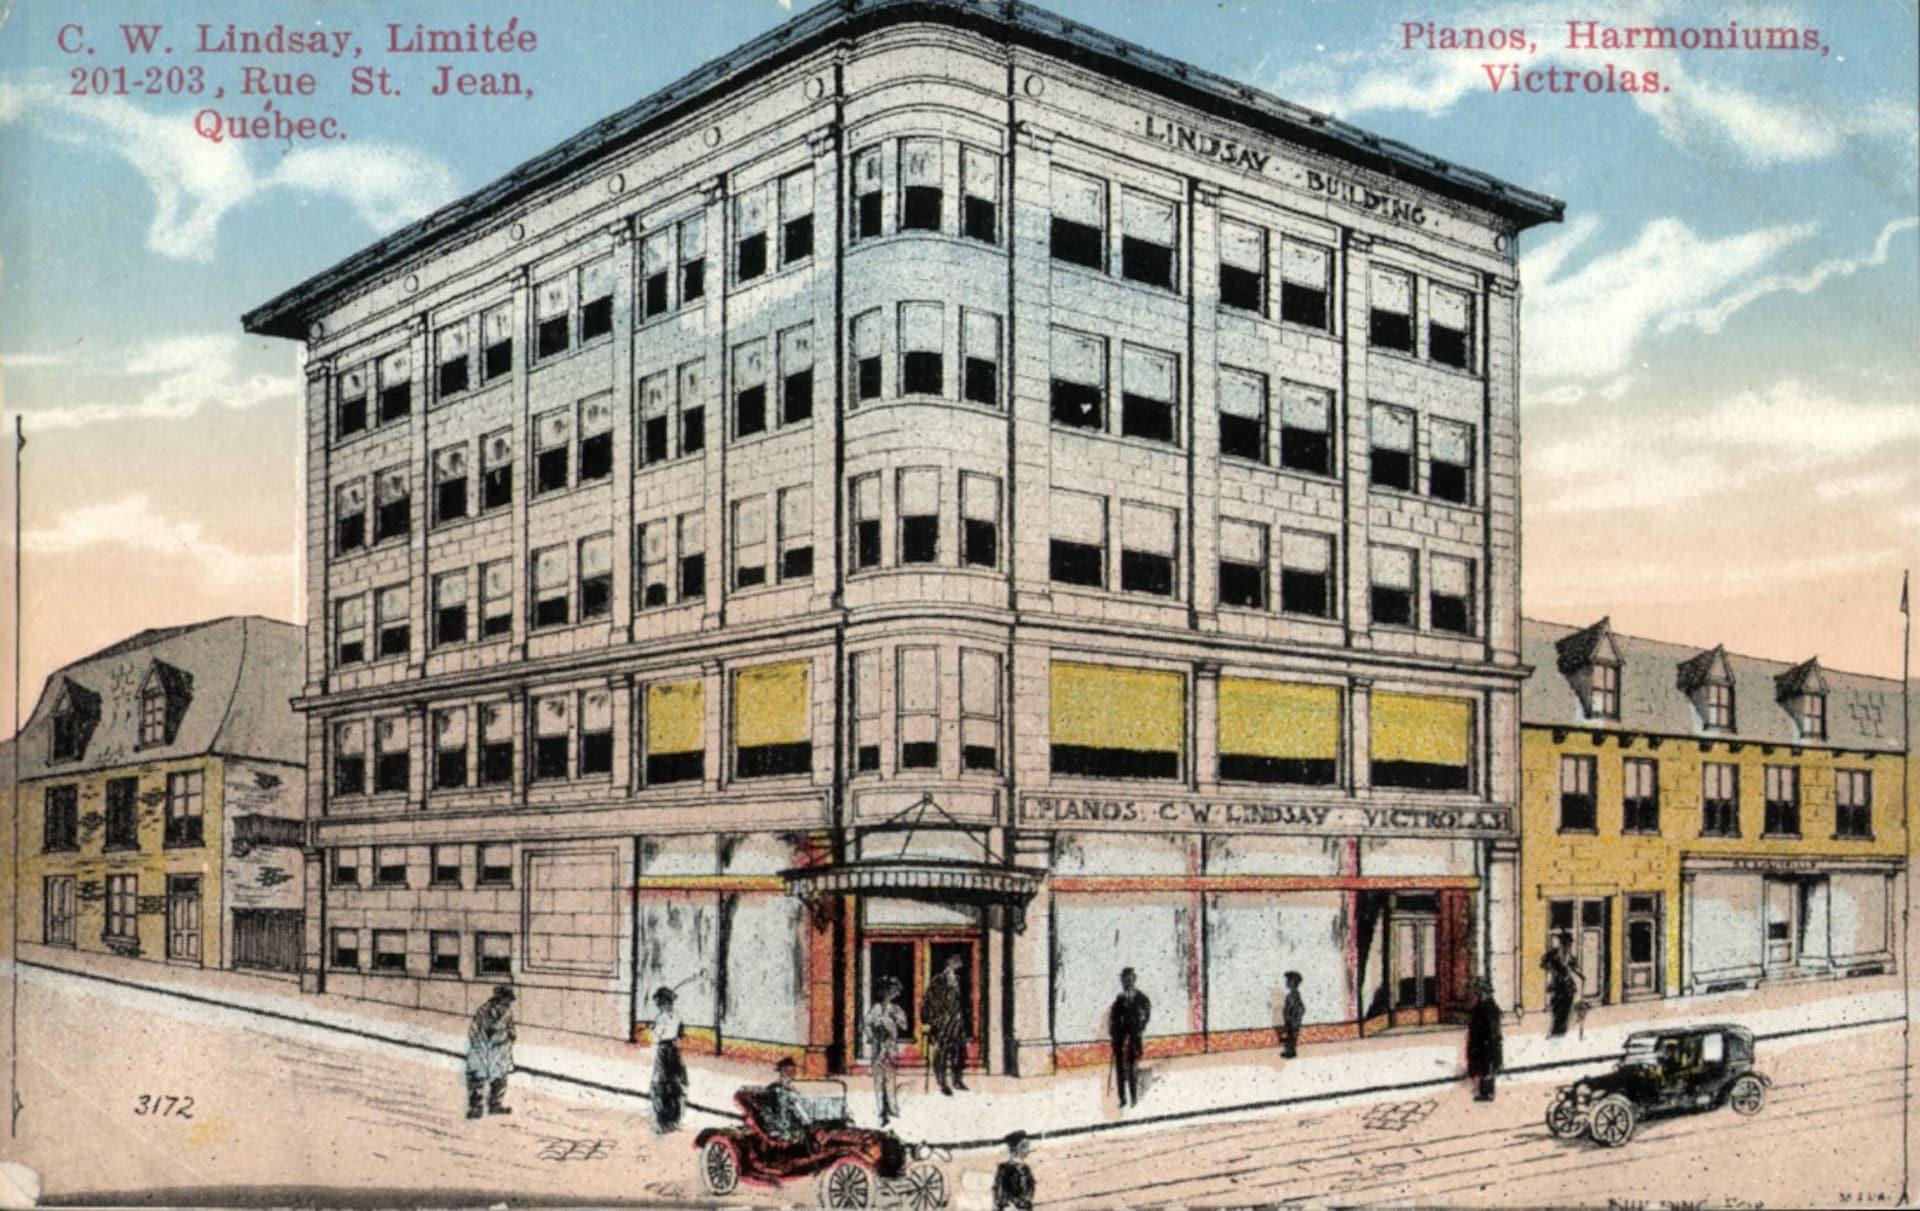 Carte postale colorée montrant un magasin de pianos de la rue Saint-Jean, au tournant des années 1920, avec des marcheurs et des voitures aux alentours.